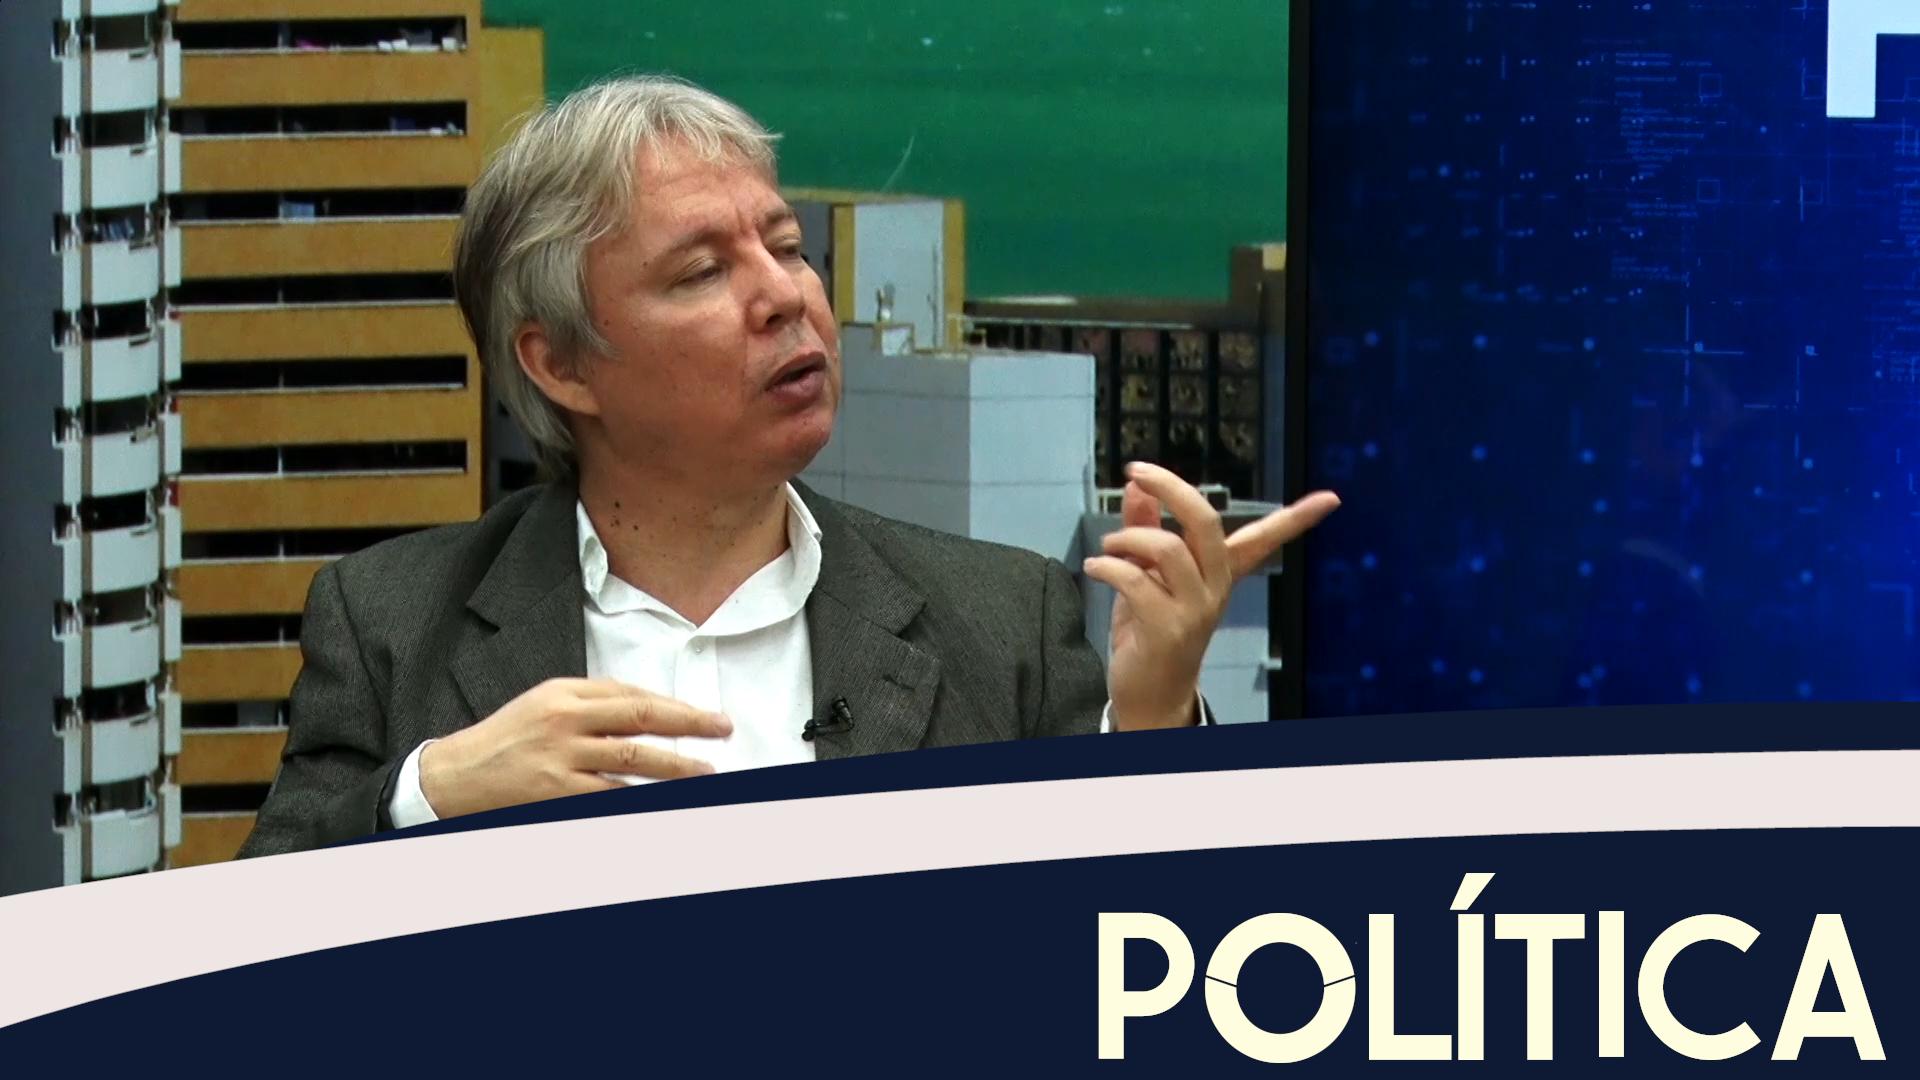 Política entrevista consultor político Luiz Cláudio